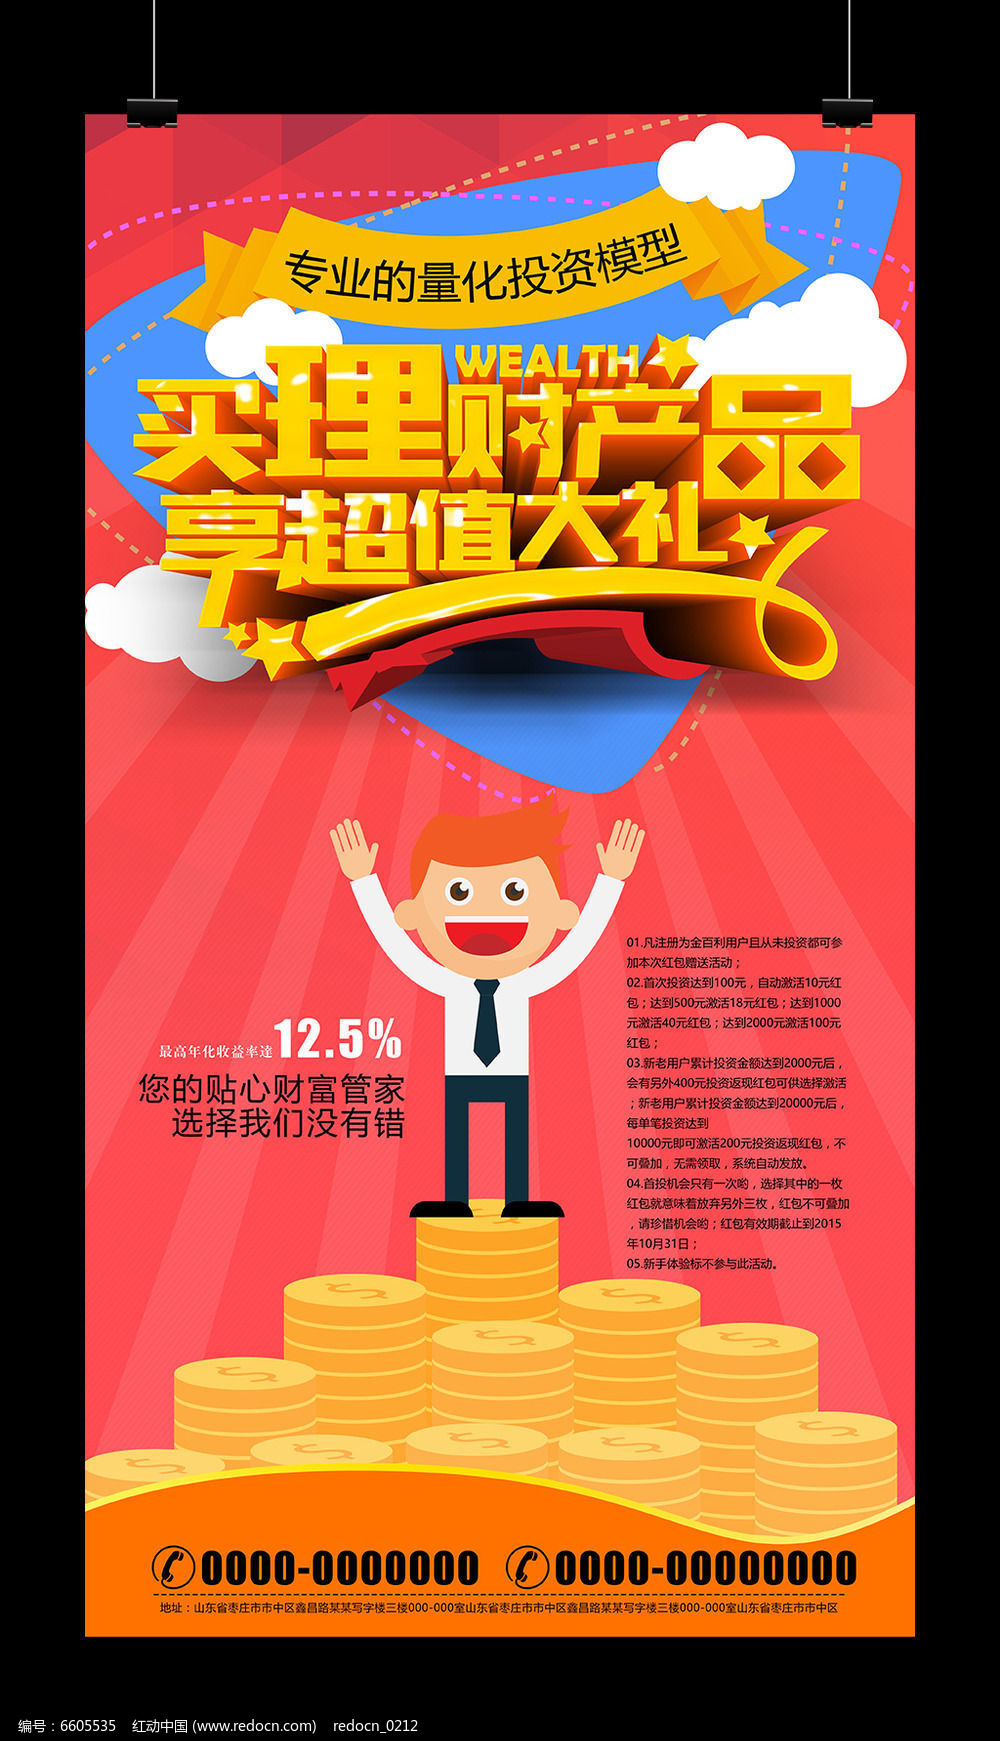 银行投资理财公司海报设计图片